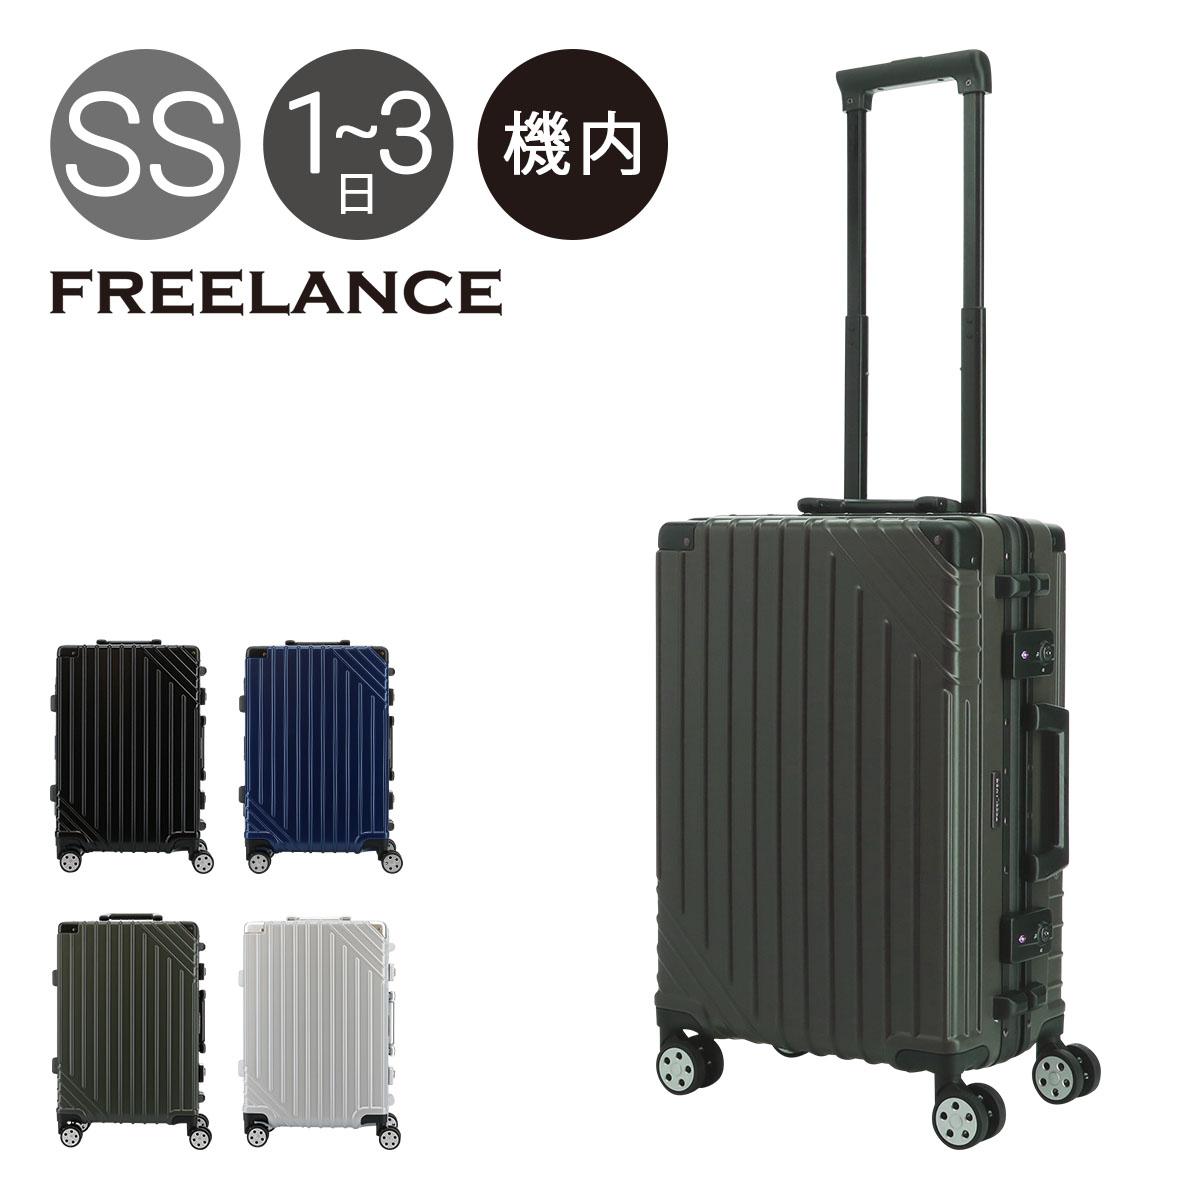 フリーランス スーツケース 4輪 当社限定|機内持ち込み 33L 48cm 3.5kg FLT-008|LCC対応 ハード フレーム| FREELANCE TSAロック搭載|おしゃれ キャリーバッグ キャリーケース ビジネスキャリー[PO5][即日発送]